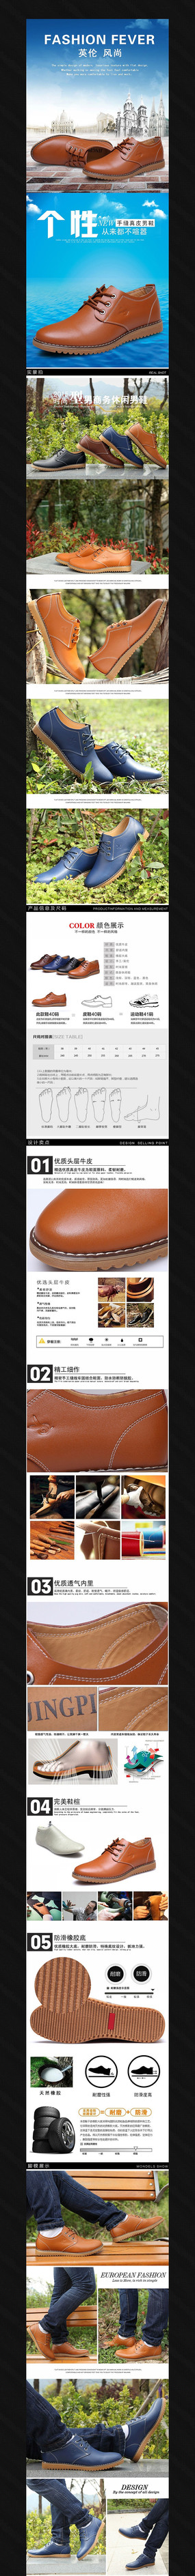 淘宝男士皮鞋详情页模板